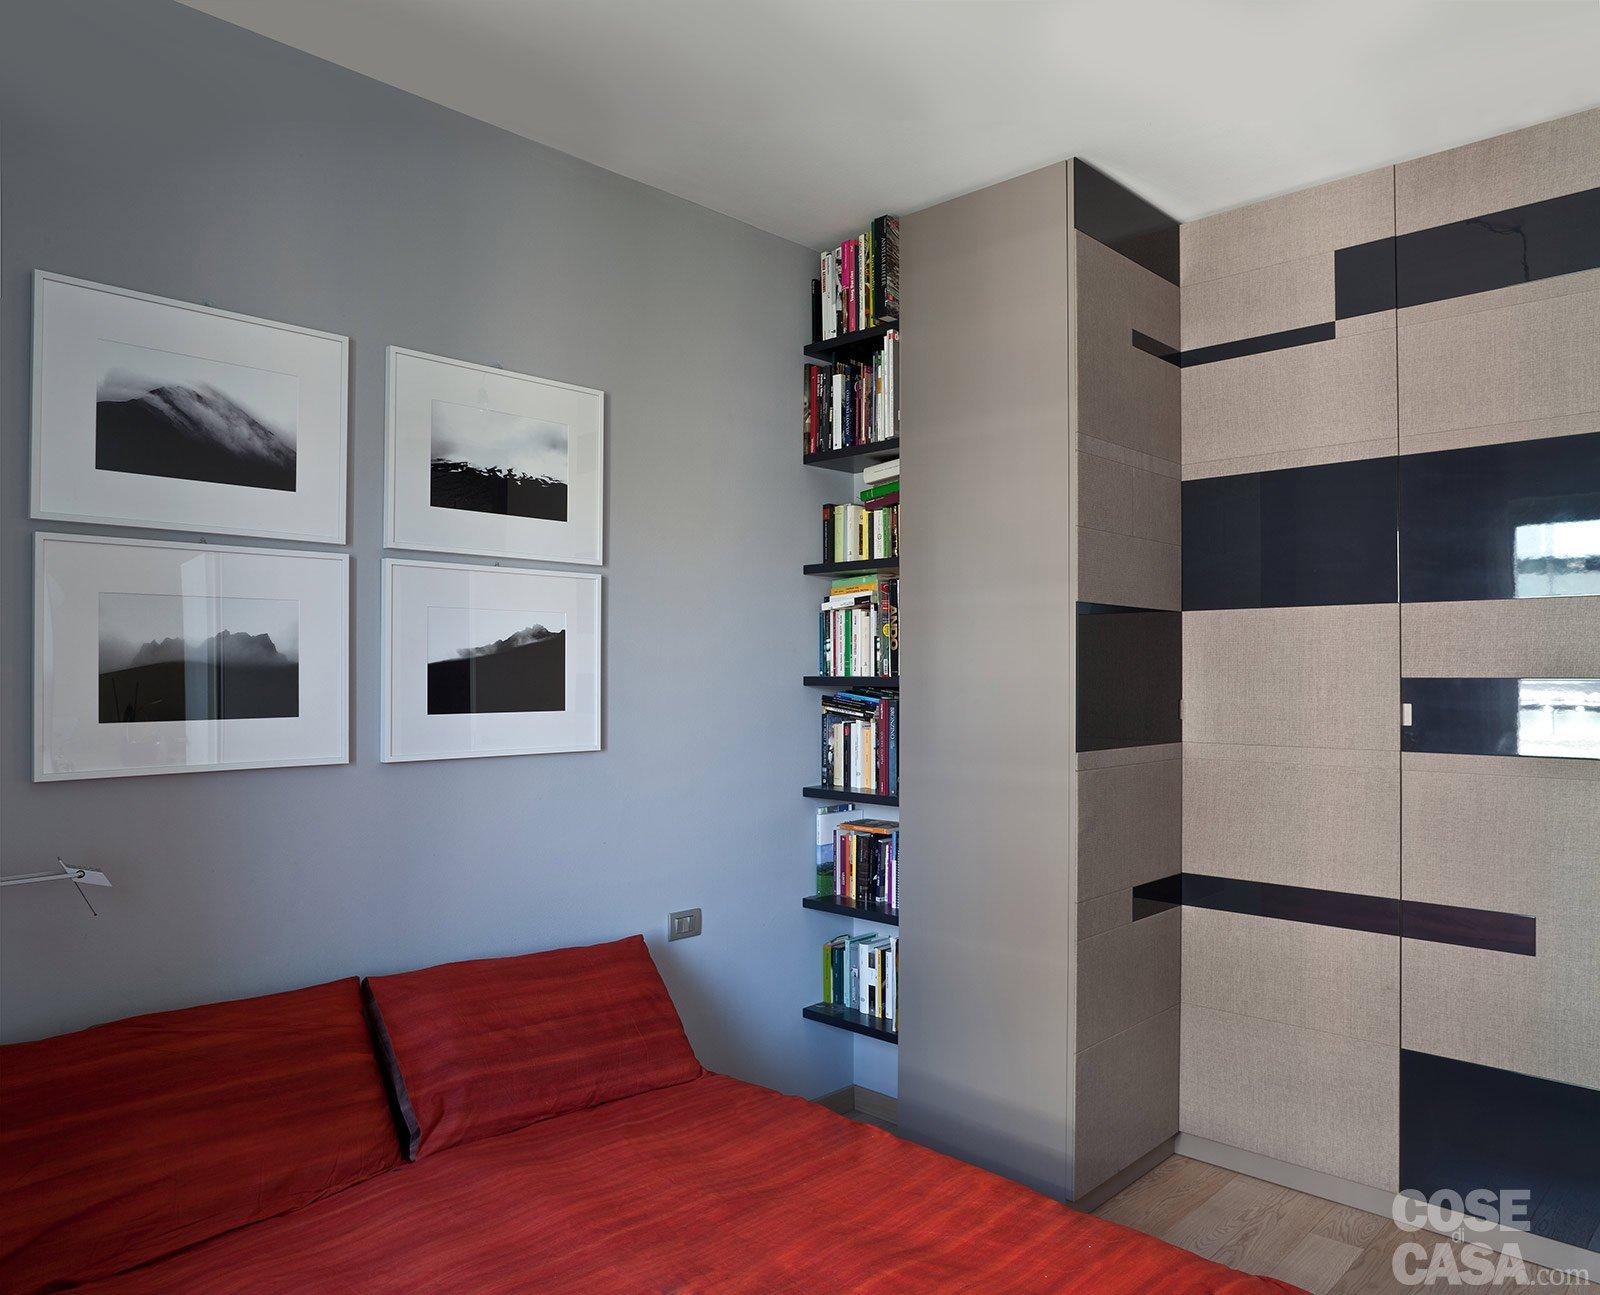 Ambienti contemporanei per una casa di taglio tradizionale for Ambienti interni moderni